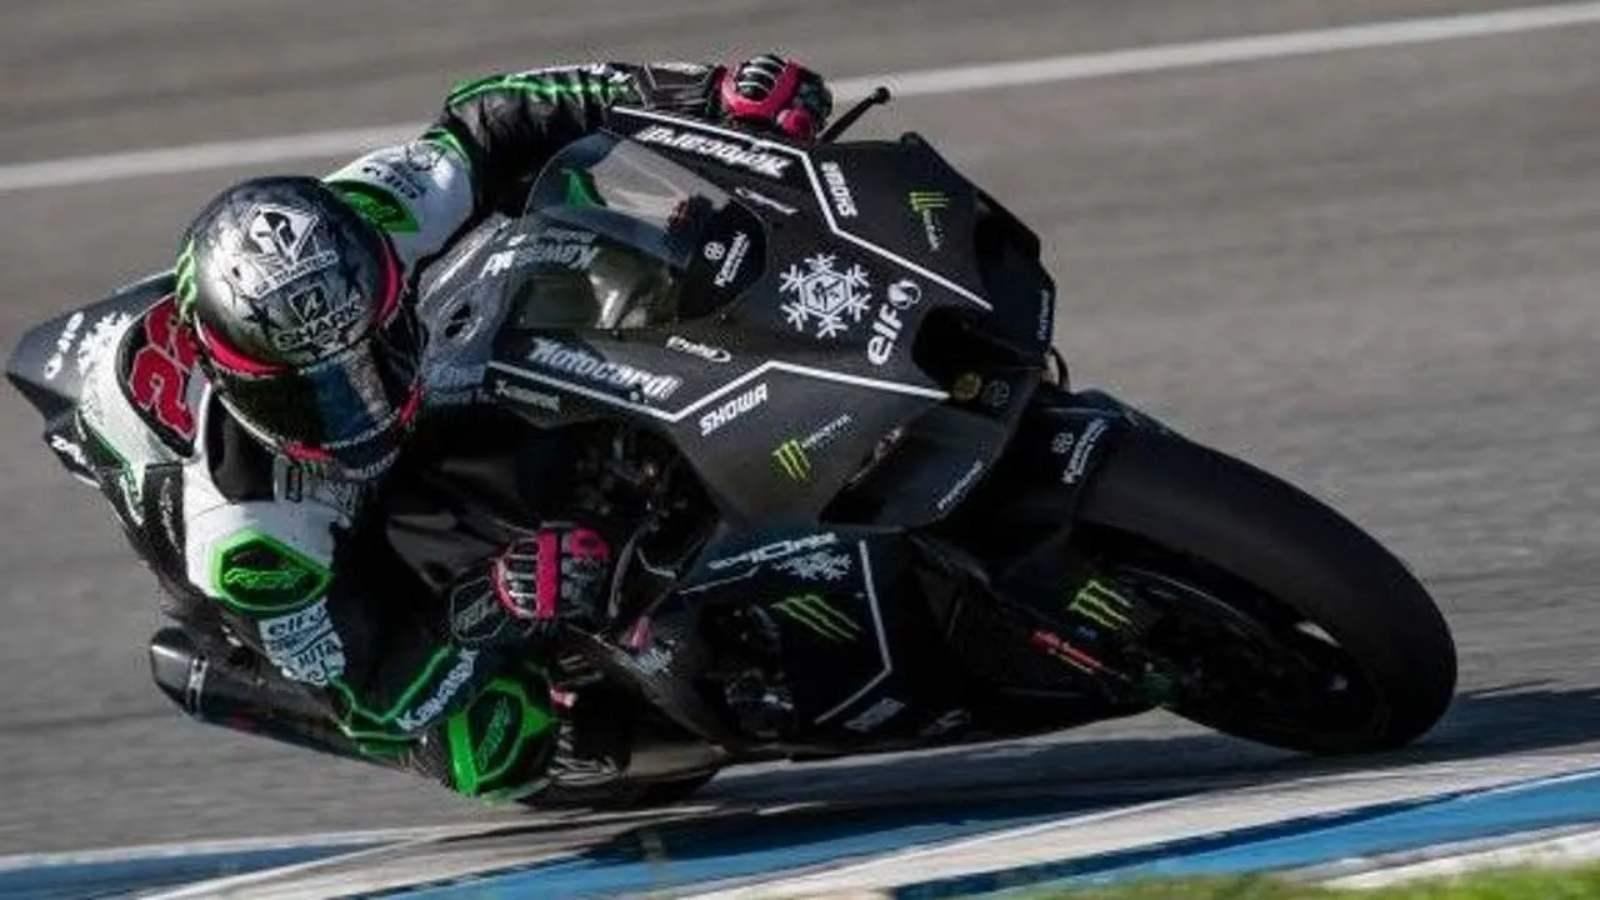 2021 Kawasaki Ninja Zx 10rr Revealed At Wsbk Winter Test Motoroids